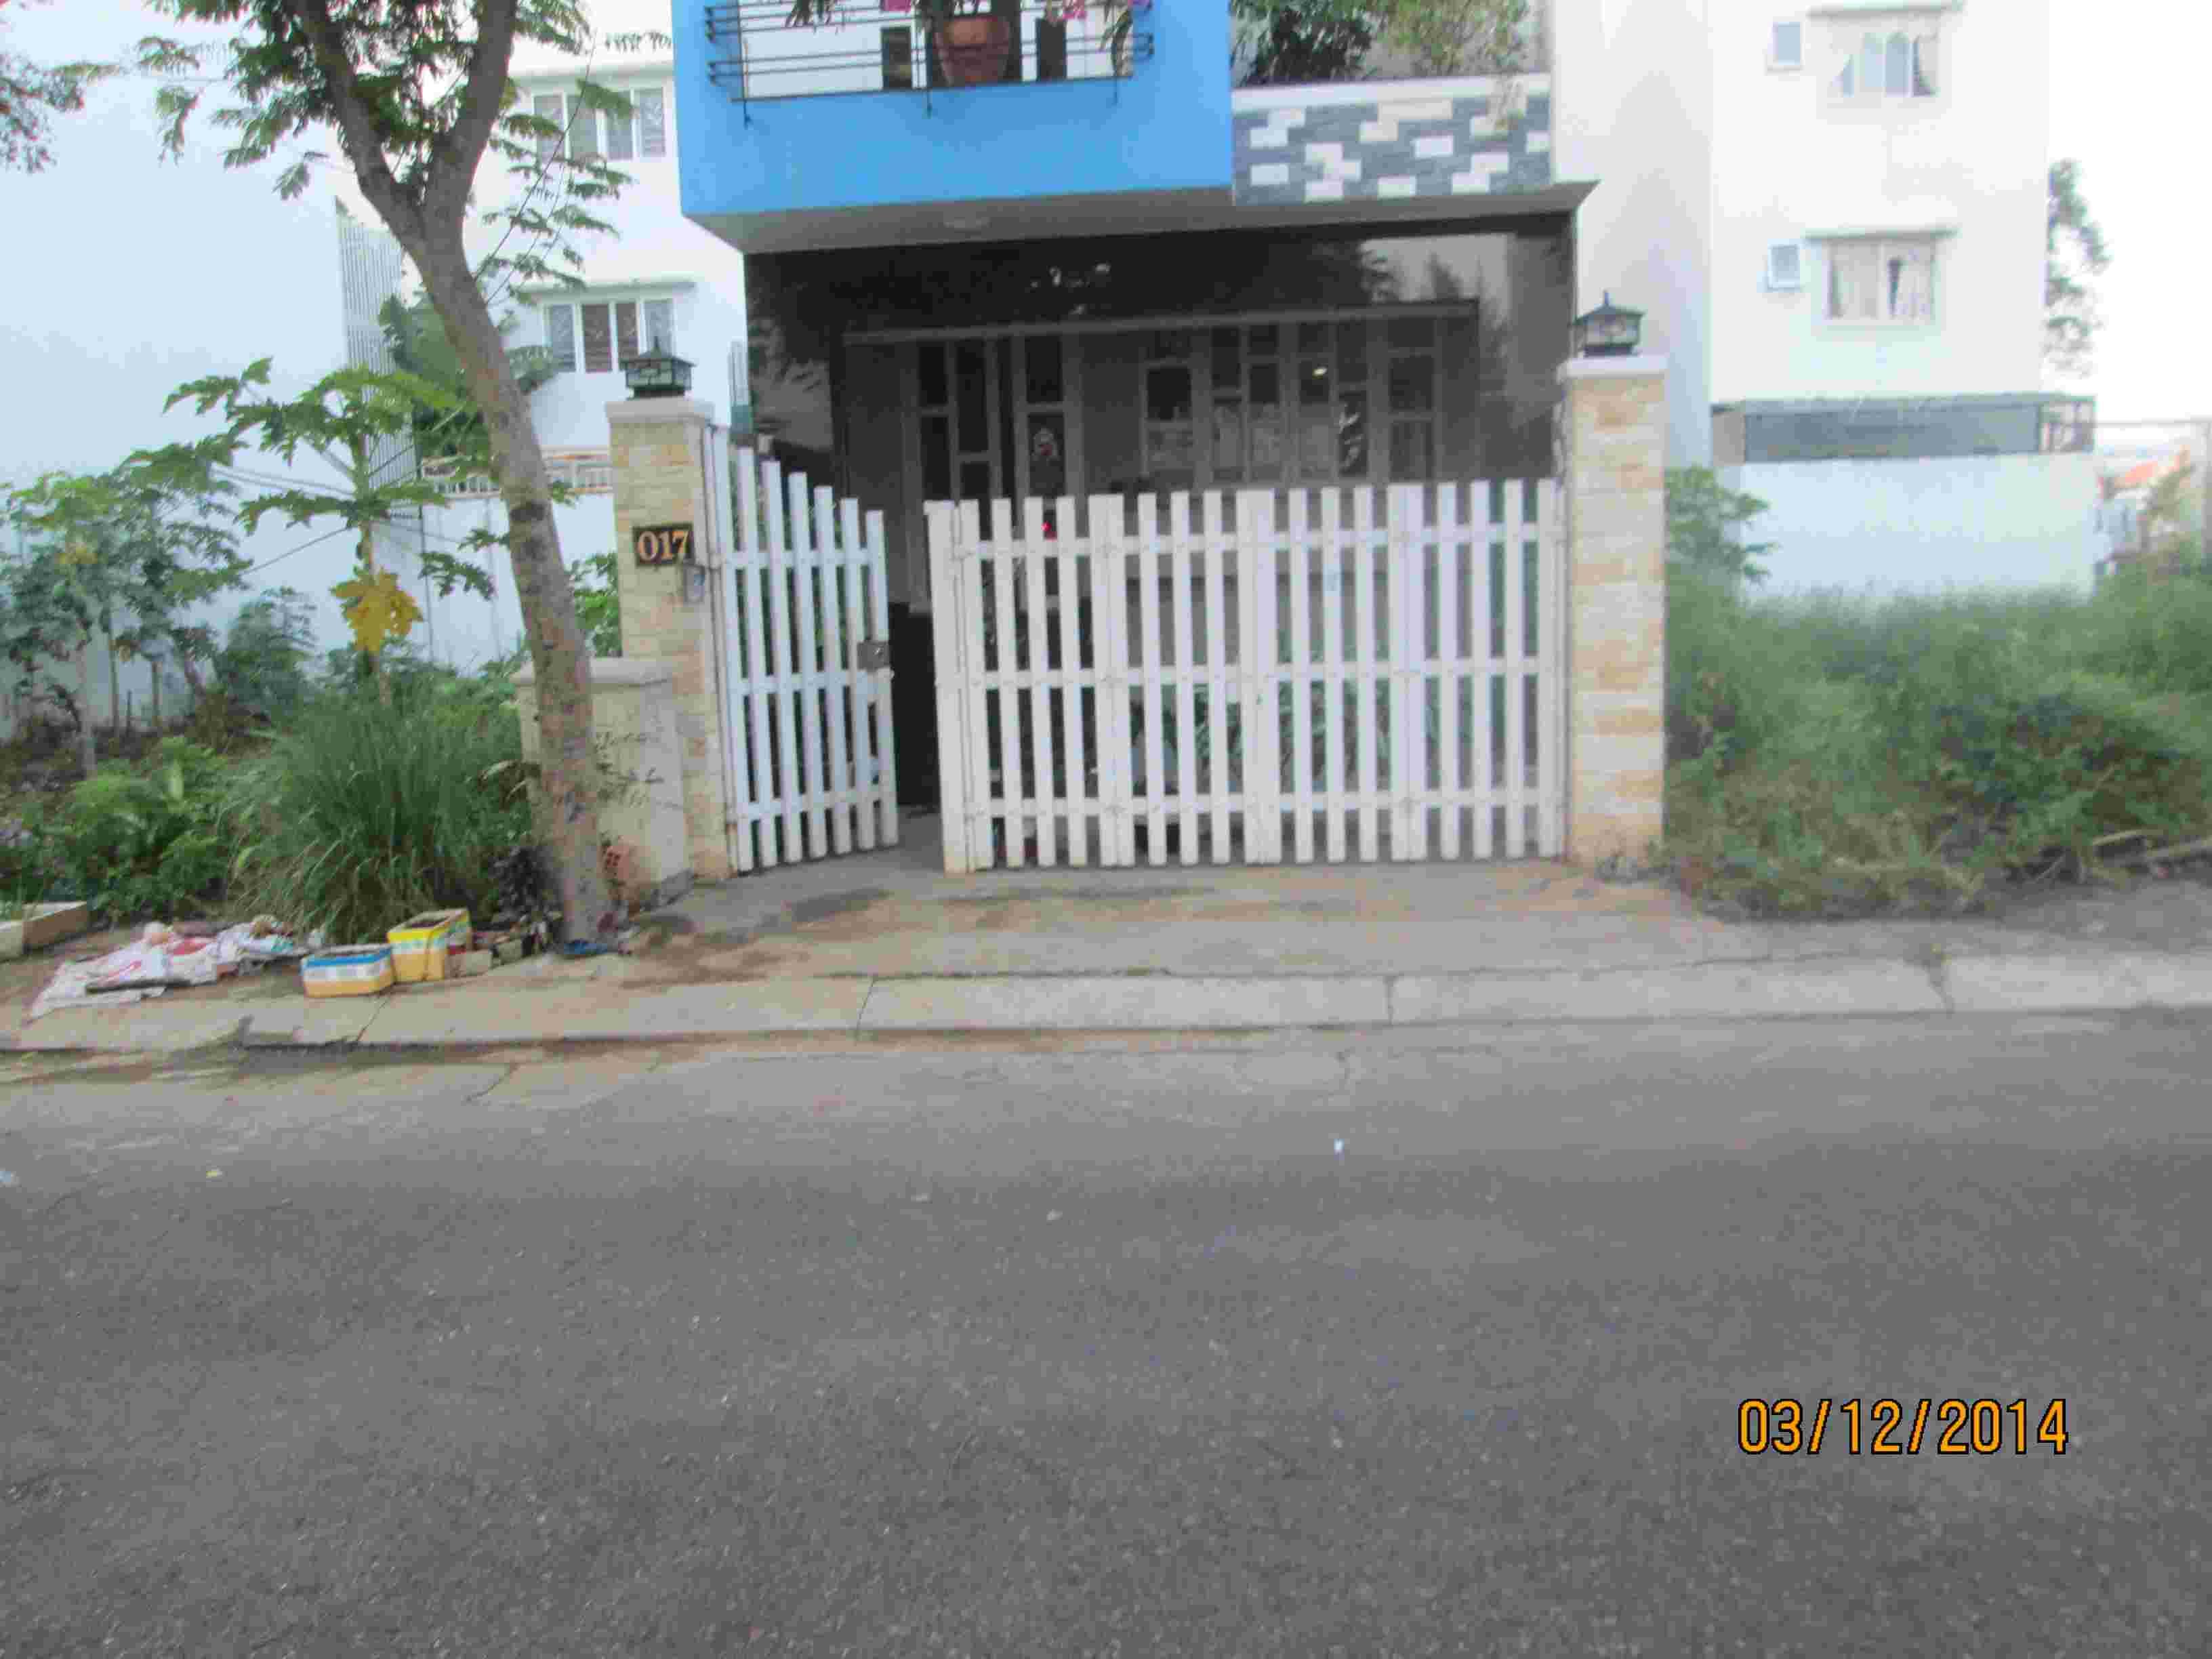 Bán đất nền nhà phố khu Sadeco Nghỉ Ngơi Giải Trí, sau Vivo City, 100m2, giá 11.8 tỷ. LH: 0913.050.053  Mr Huynh.